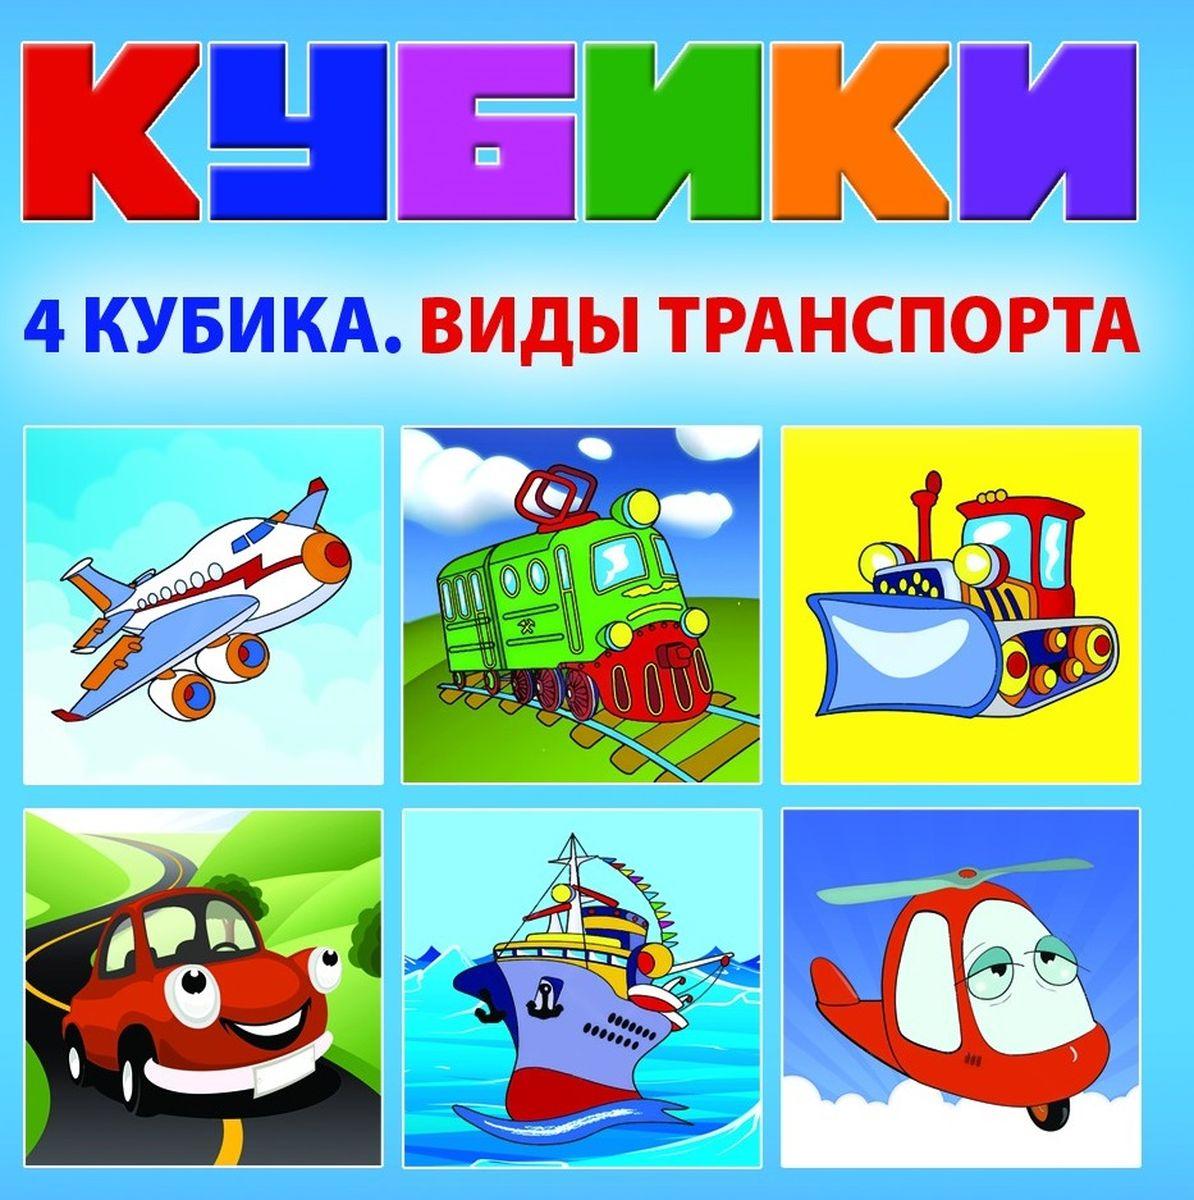 Dream Makers Набор кубиков Виды транспортаKB1602Развивающие кубики для детей. Набор предназначен для детей от 3 лет. Состав: 4 кубика.